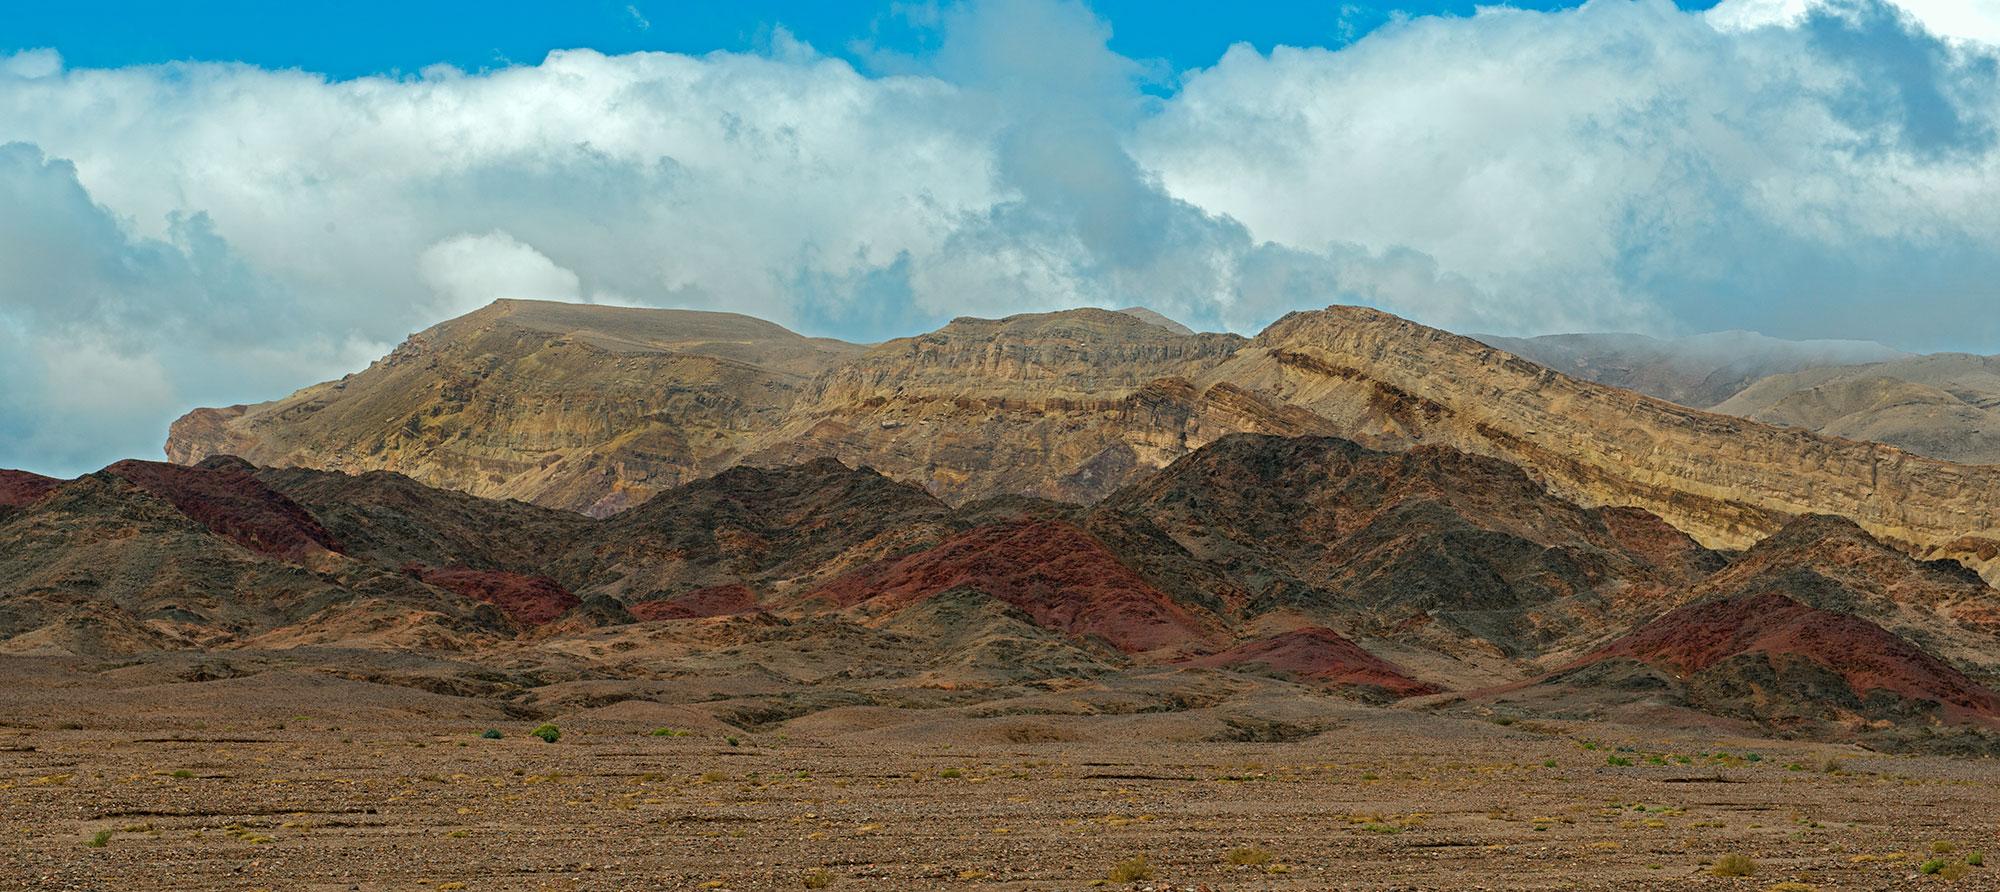 Desert Arava Valley, Israel